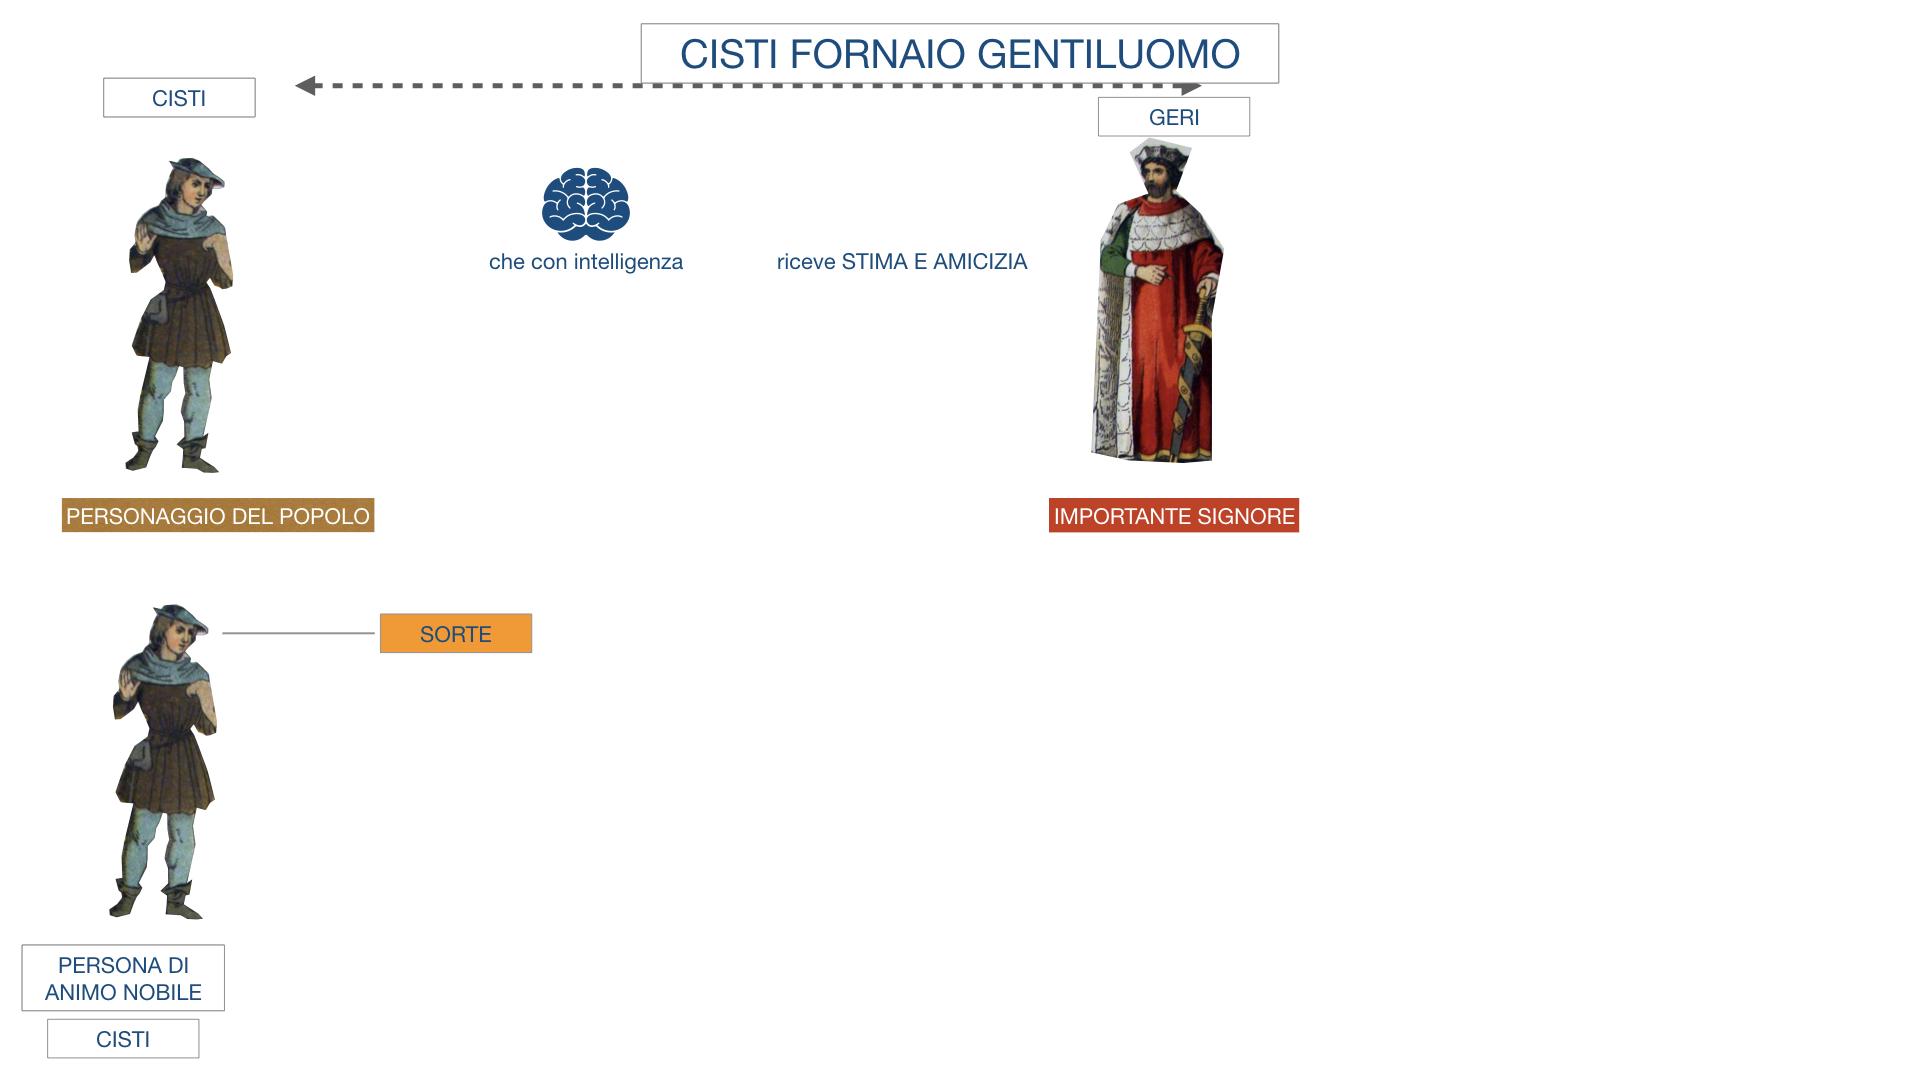 CISTI IL FORNAIO_SIMULAZIONE .007